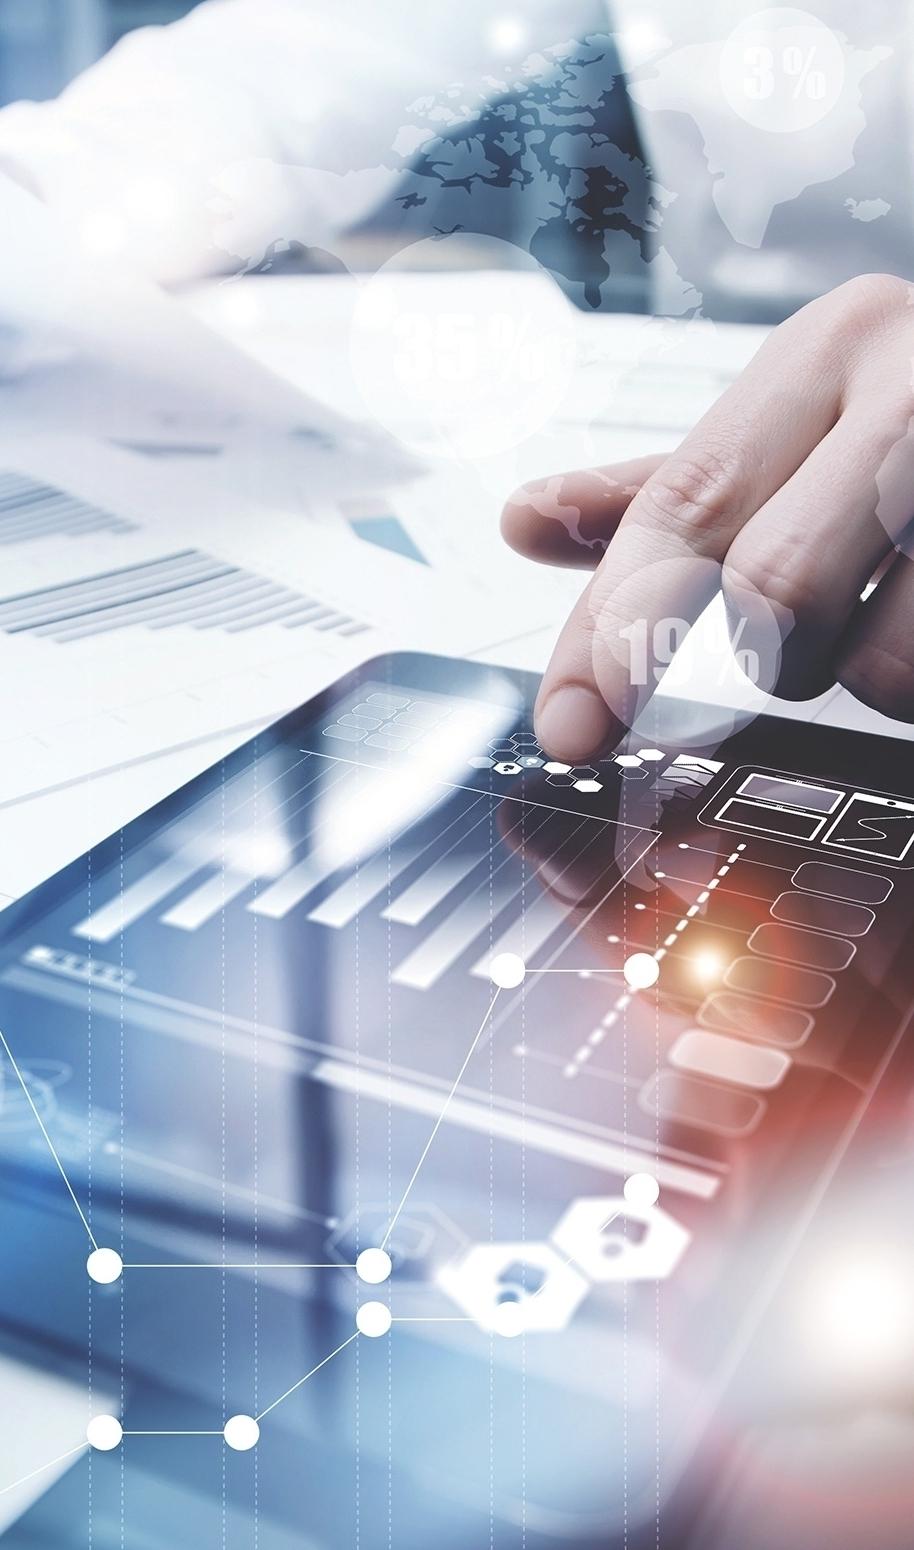 """eFashionGuide - eFashionGuide nutzt die Angebote im Internet (Web Shops) als Referenz für konkrete Aussage, welche Marken welche Waren und Artikel in welchen Warengruppen anbieten.Diese Wettbewerbsdaten stehen dem Nutzer auf Endgeräten wie Smartphone, Tablet oder PC zur Verfügung. Die Beantwortung von relevanten Fragen zur Gestaltung von erfolgreichen Sortimenten in der Damenmode ist in Sekunden verfügbar.eFashionGuide ist das erste digitale Sortiments-Management Programm, das den Markt abbildet und ist vergleichbar mit der Navigation im Auto.Natürlich ist auch die """"alte"""" Methode, sogenannte Storechecks weiterhin valide. Die digitale Methode von eFashionGuide ist aber um ein vielfaches schneller und übersichtlicher.Darüberhinaus sammelt eFashionGuide die Daten (z.B. Trendfarben) als Verlauf und kann somit Einwicklungen von Farben und Größen, aber auch Preisen und Preisentwicklungen darstellen.All dies hilft Marken-Managern schnellere, bessere und faktenorientierte Entscheidungen im Sortiments-Management zu treffen."""